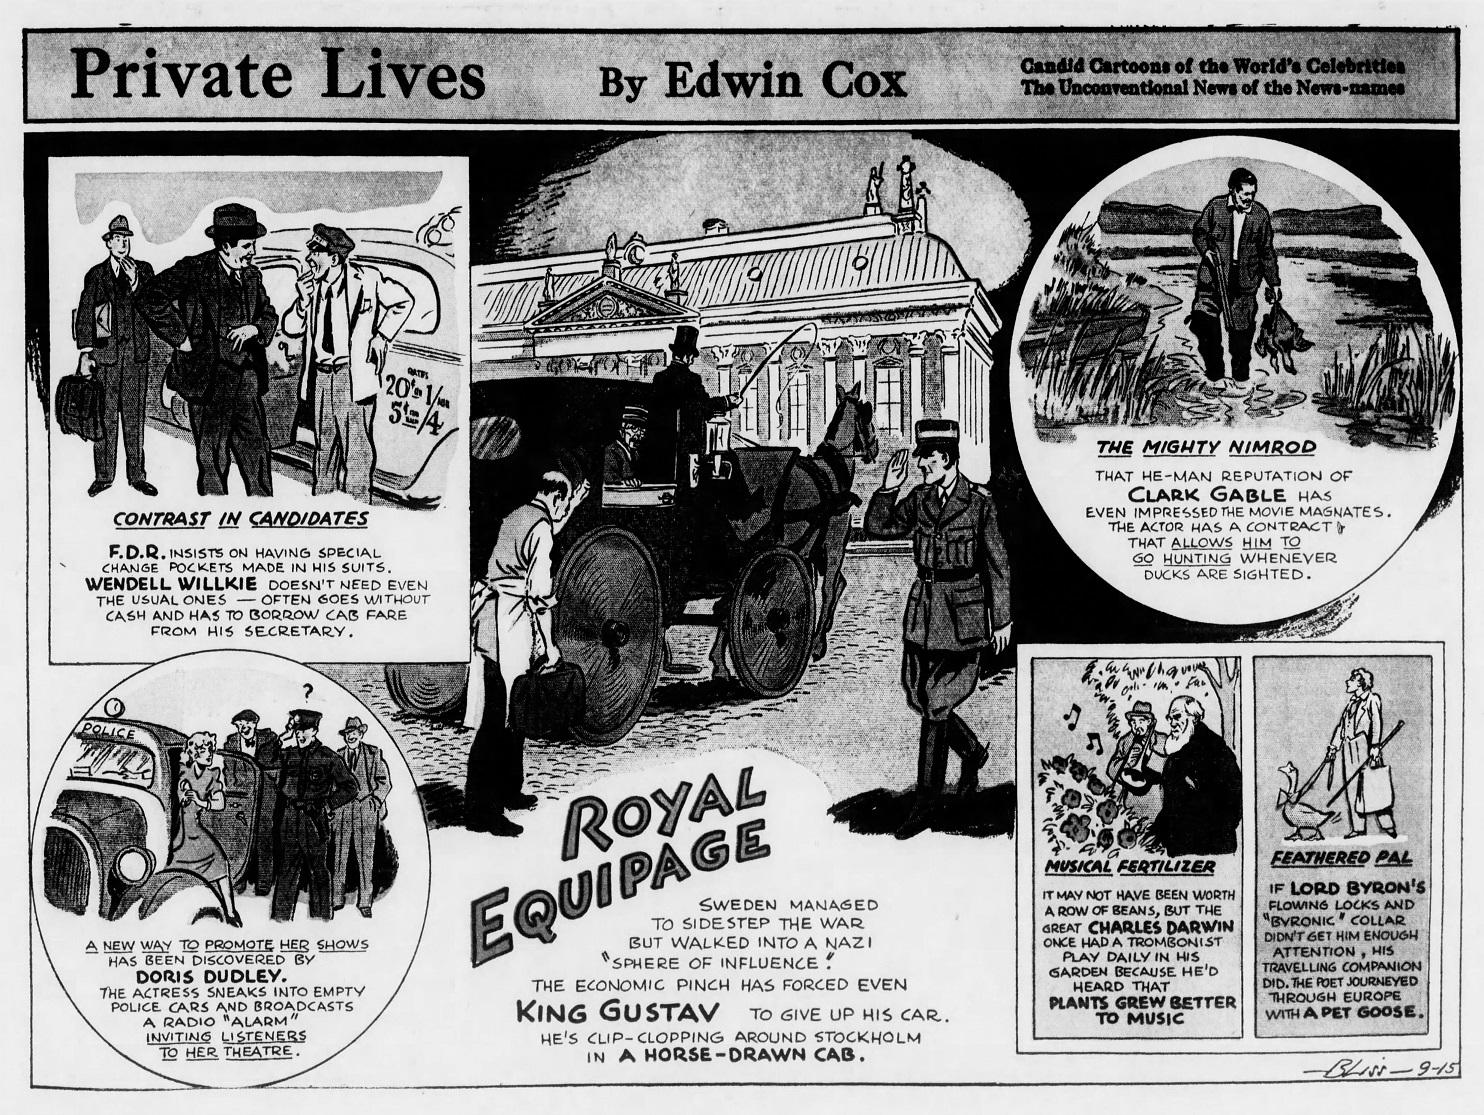 The_Brooklyn_Daily_Eagle_Sun__Sep_15__1940_(5).jpg